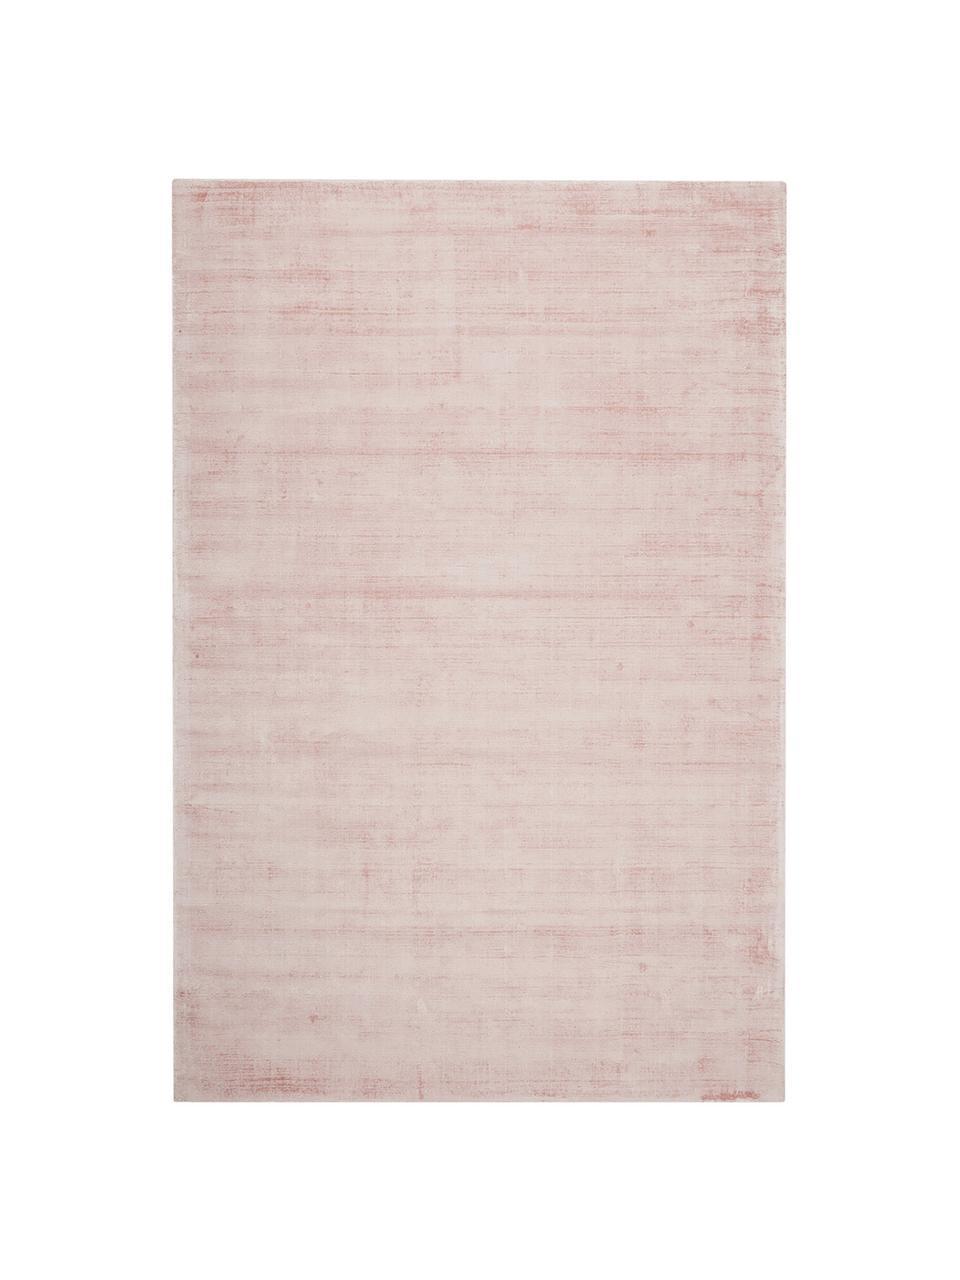 Handgeweven viscose vloerkleed Jane in roze, Bovenzijde: 100% viscose, Onderzijde: 100% katoen, Roze, B 120 x L 180 cm (maat S)